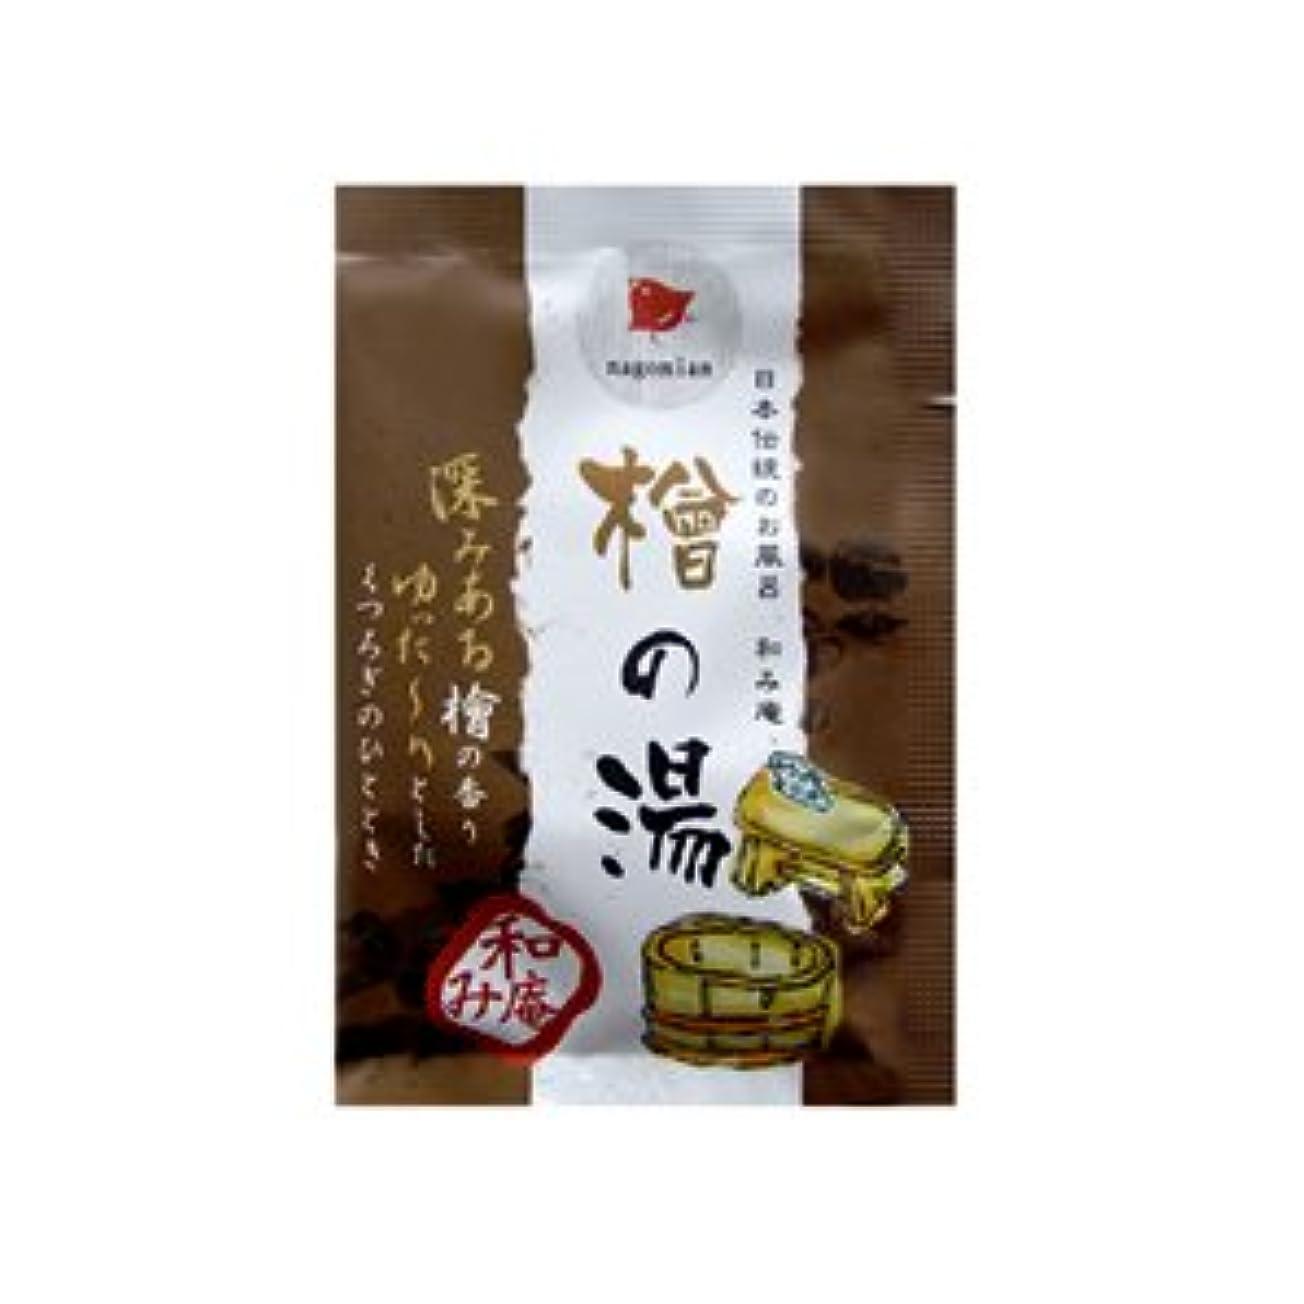 依存するスリット本部日本伝統のお風呂 和み庵 檜の湯 25g 10個セット